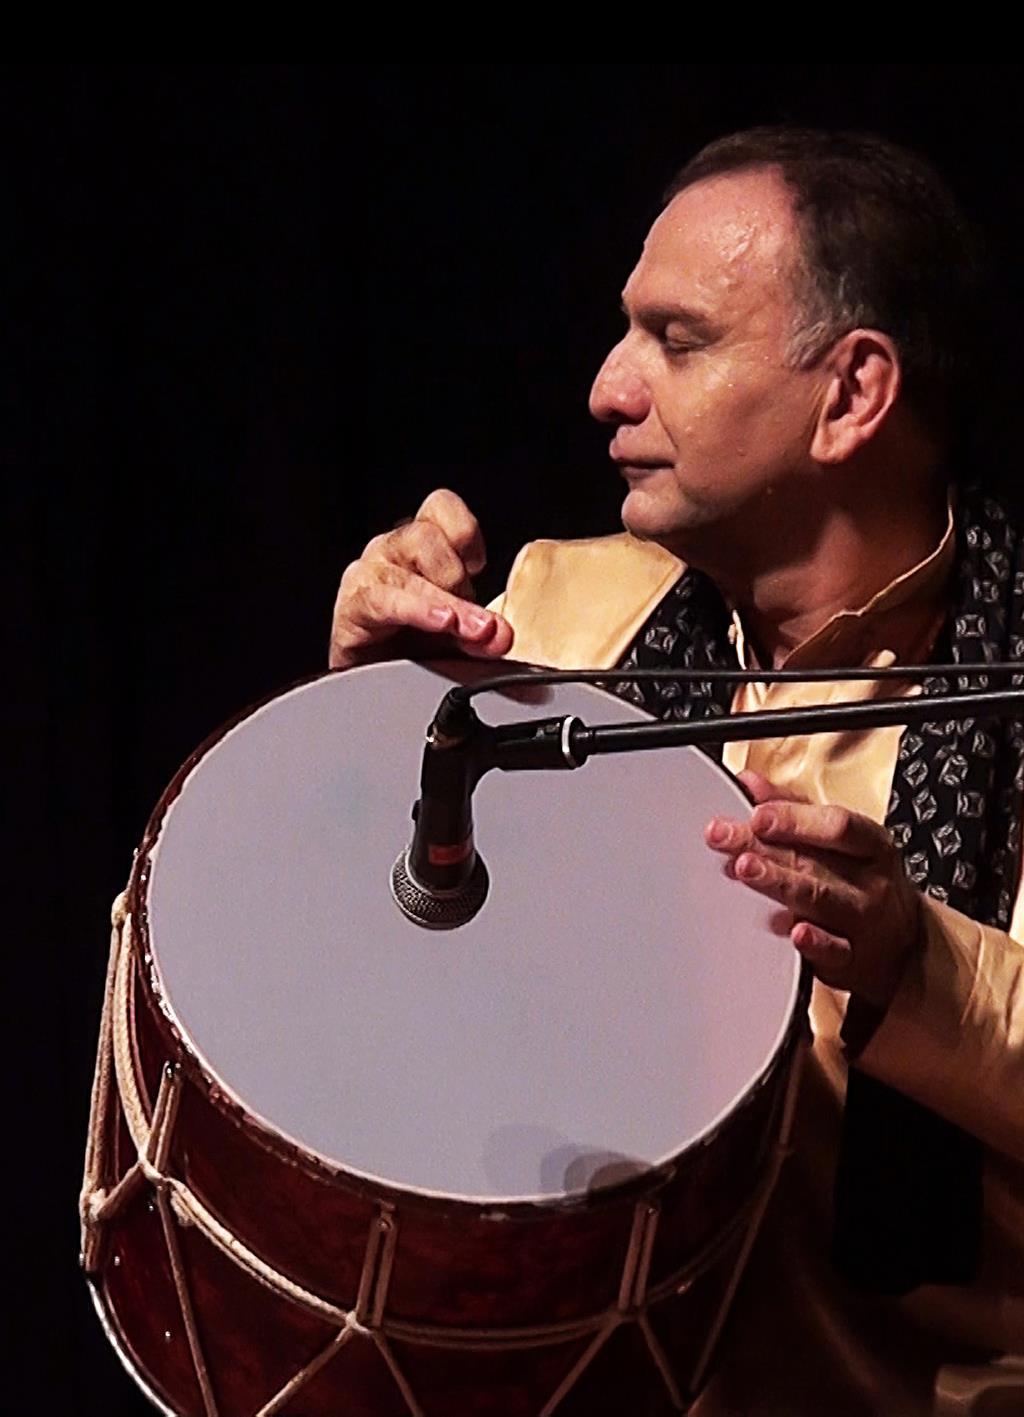 vahid-asadollahi-iranian-azeri-nagara-player